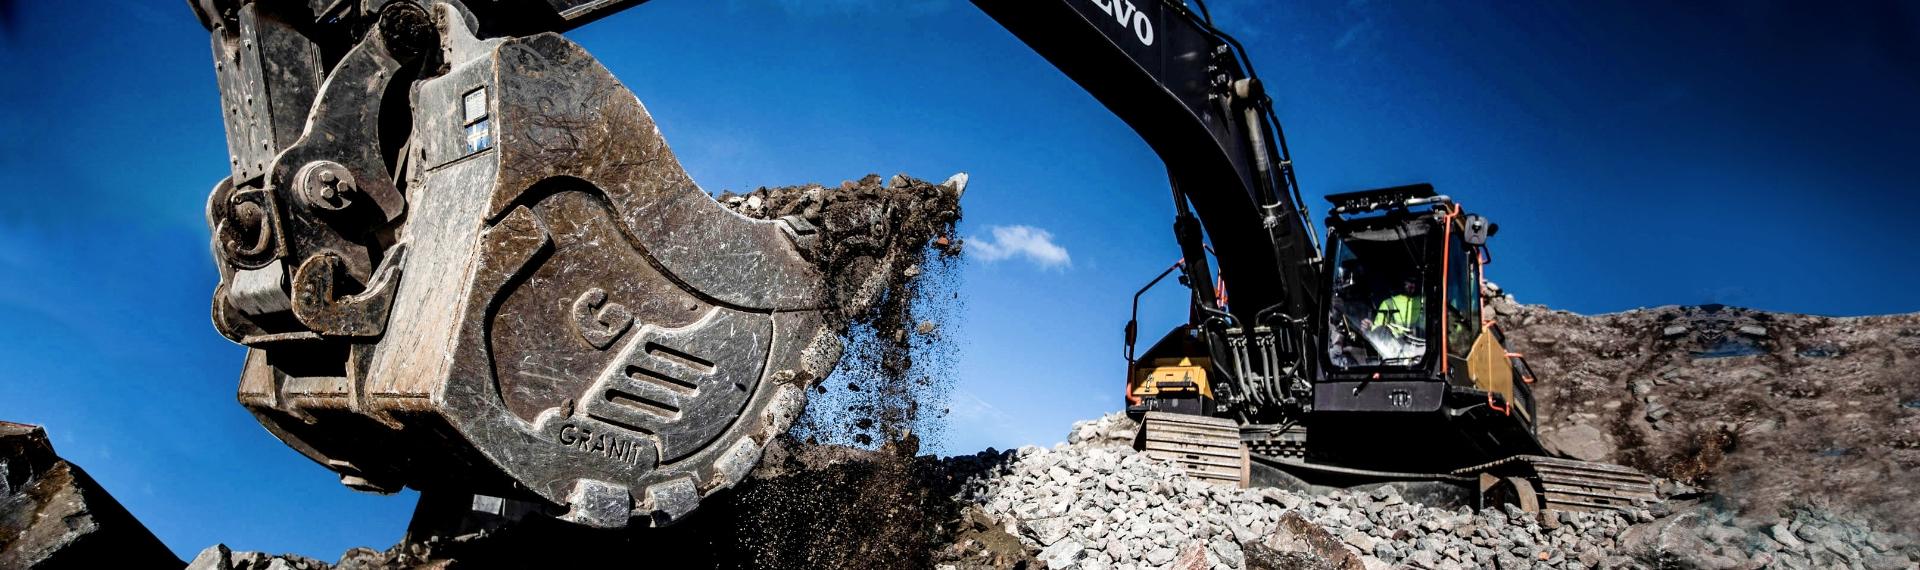 En kraftig skopa för grävmaskiner byggd i Hardox® 500 Tuf -stål.